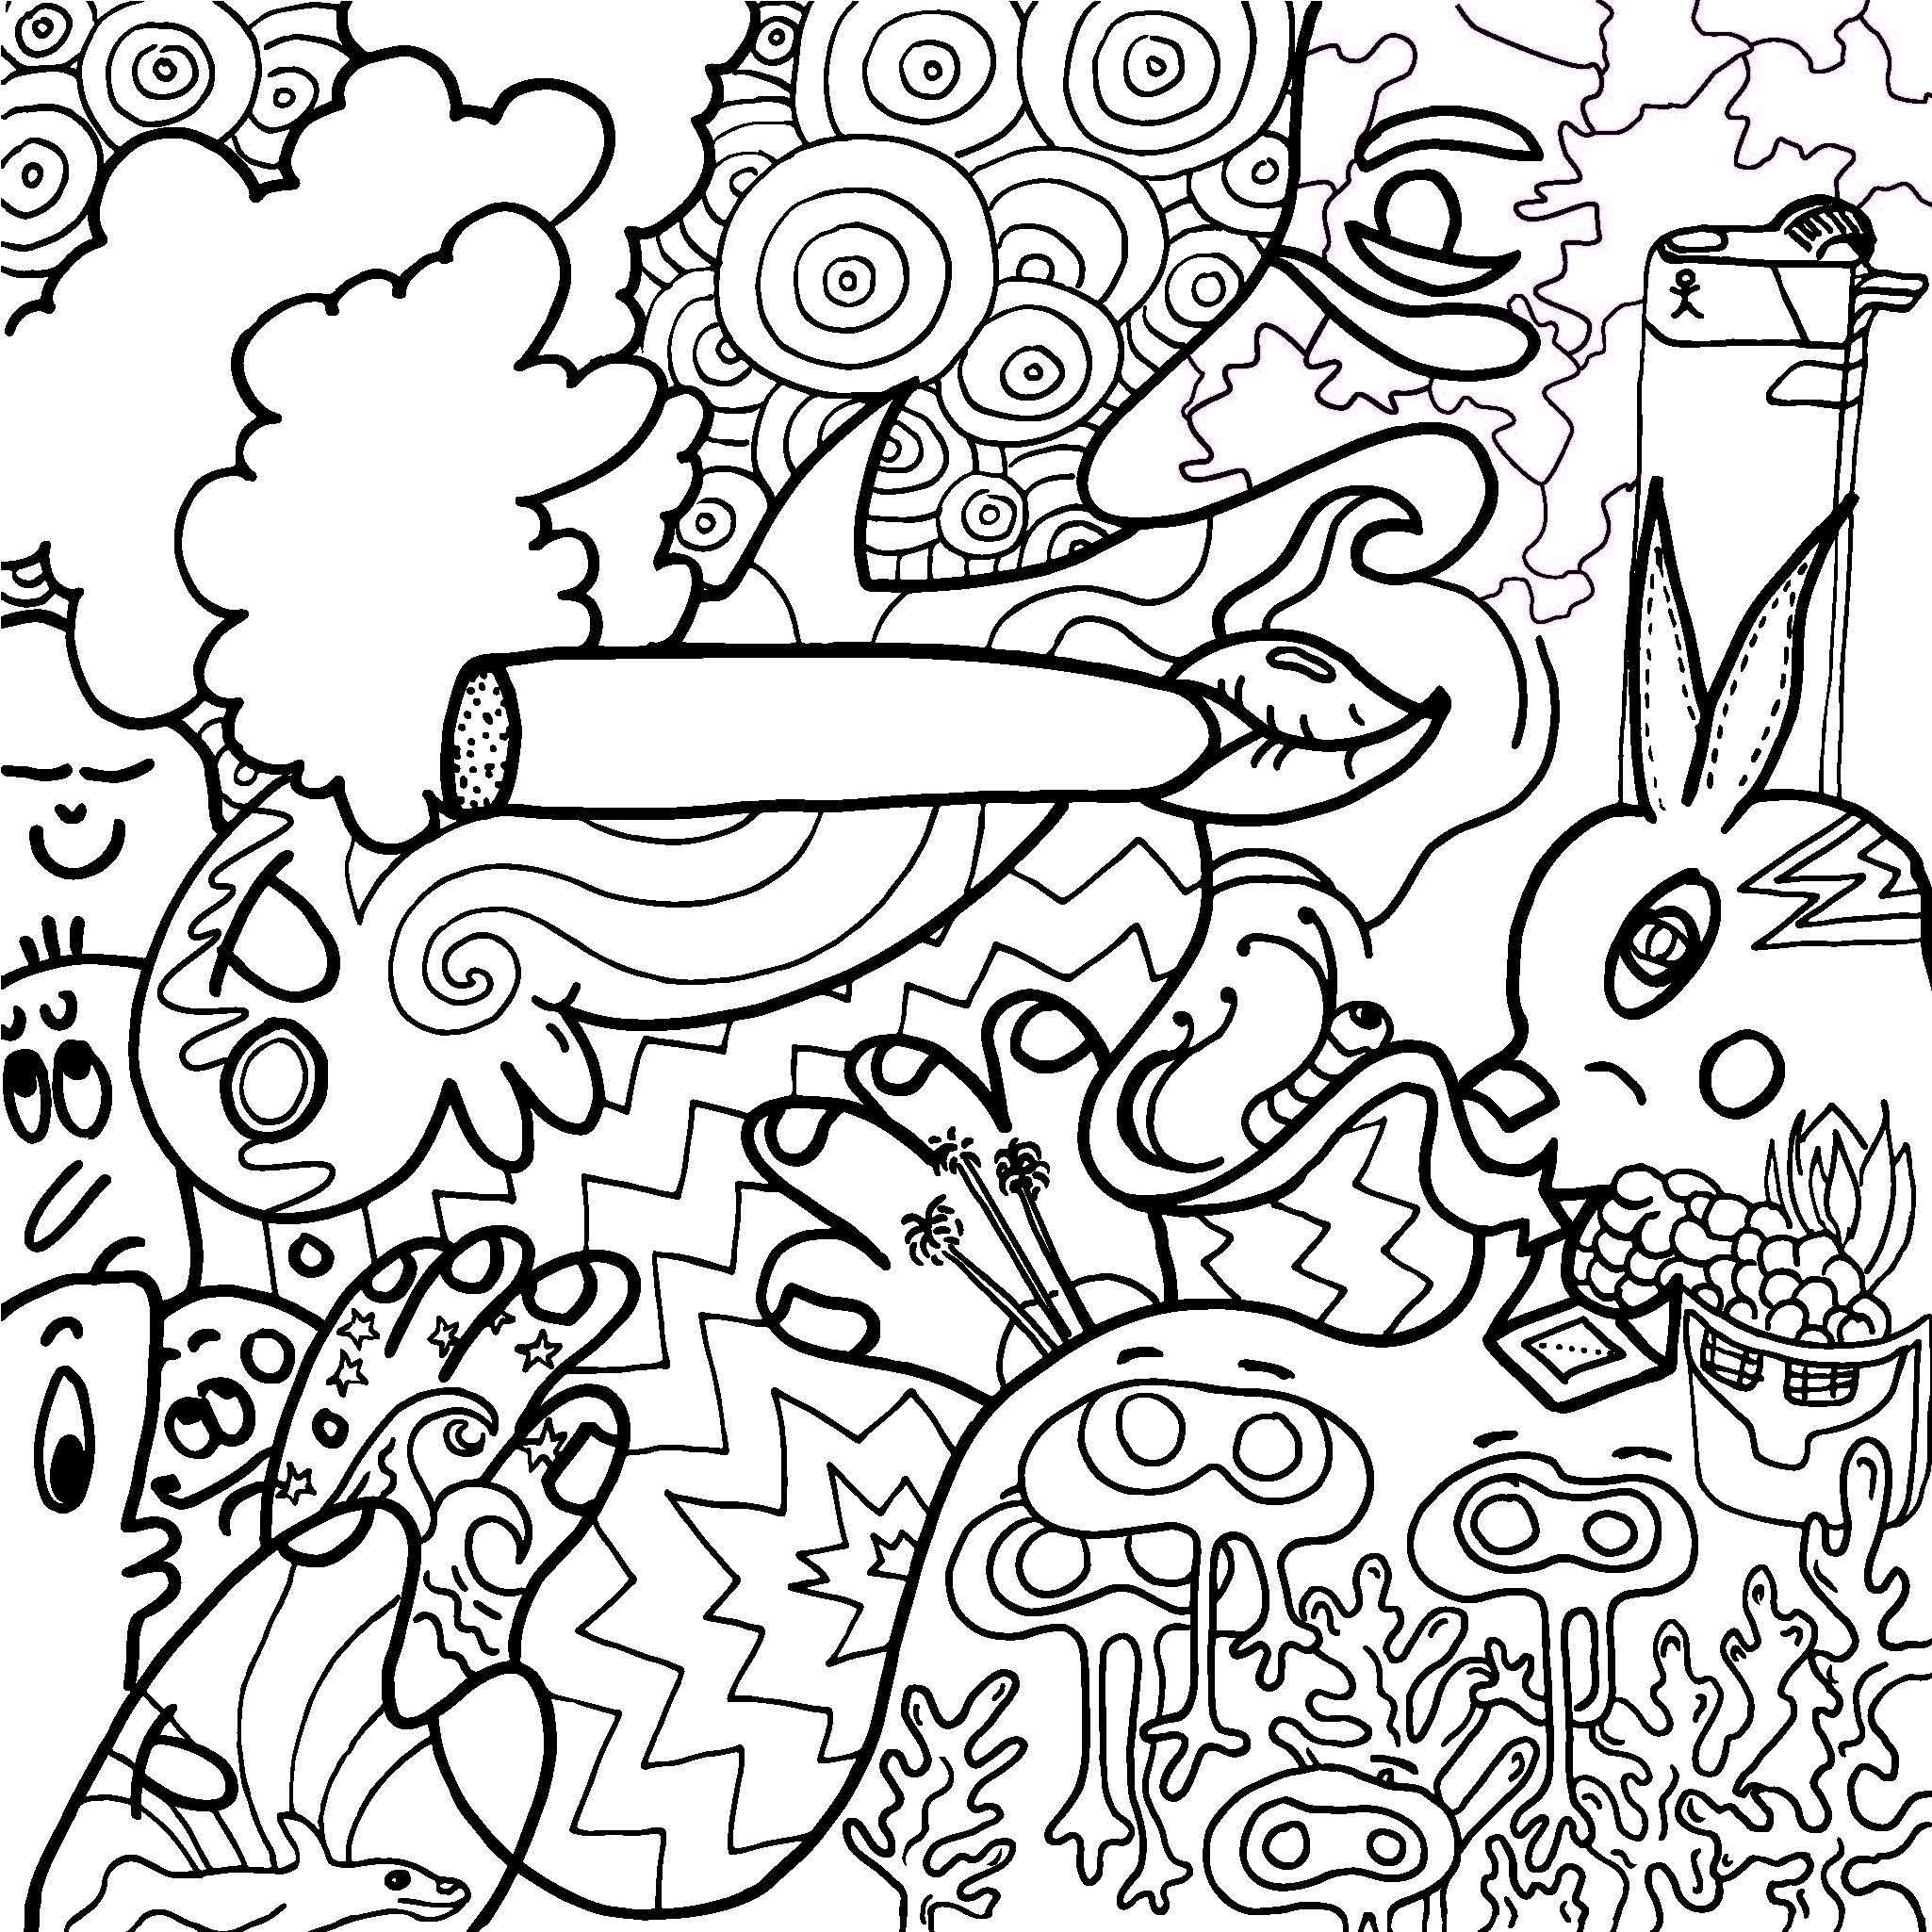 Stoner Drawing At Getdrawings